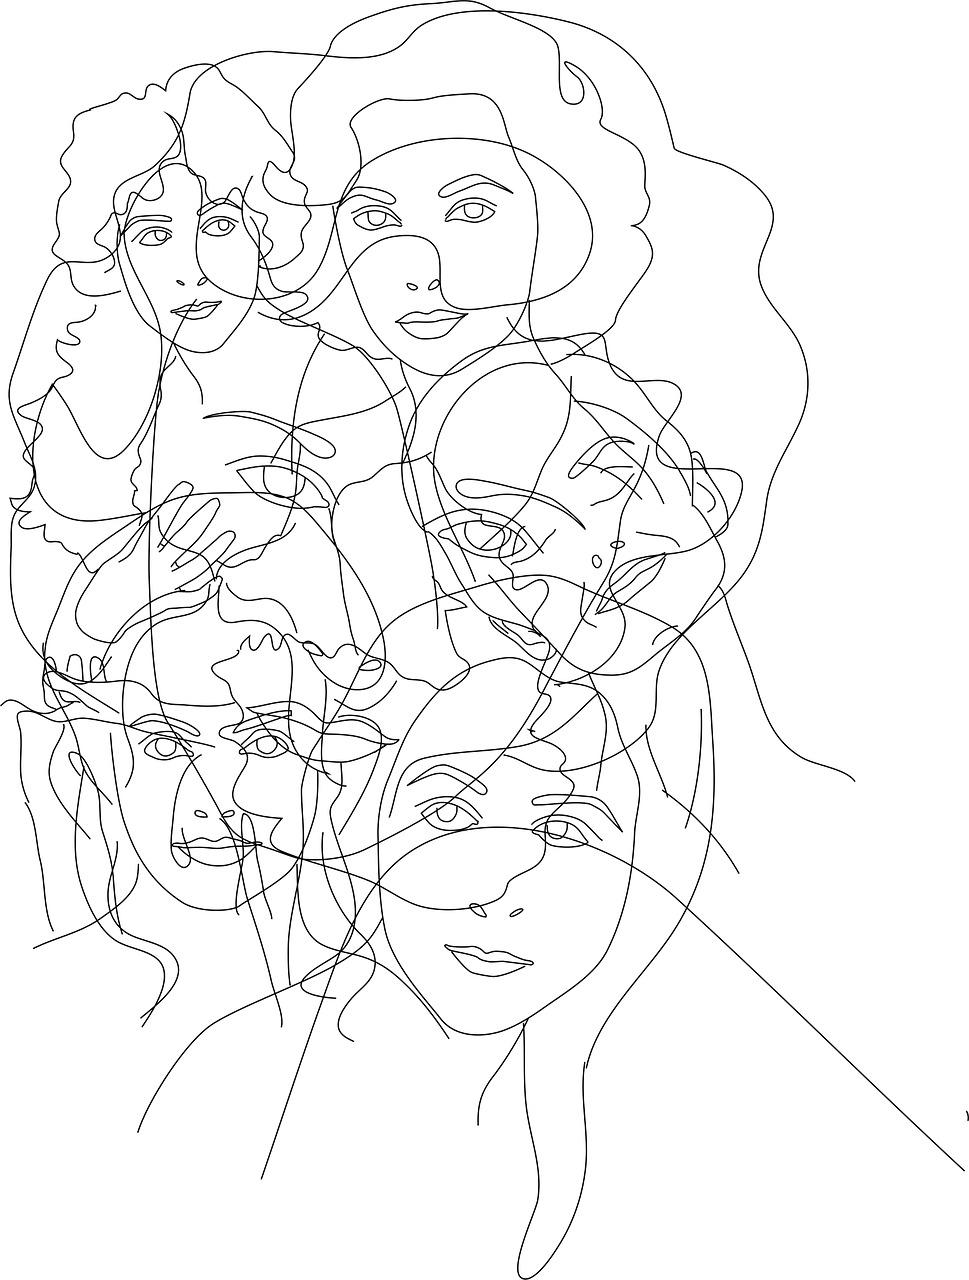 Mulheres Cara Desenho Imagens Gratis No Pixabay